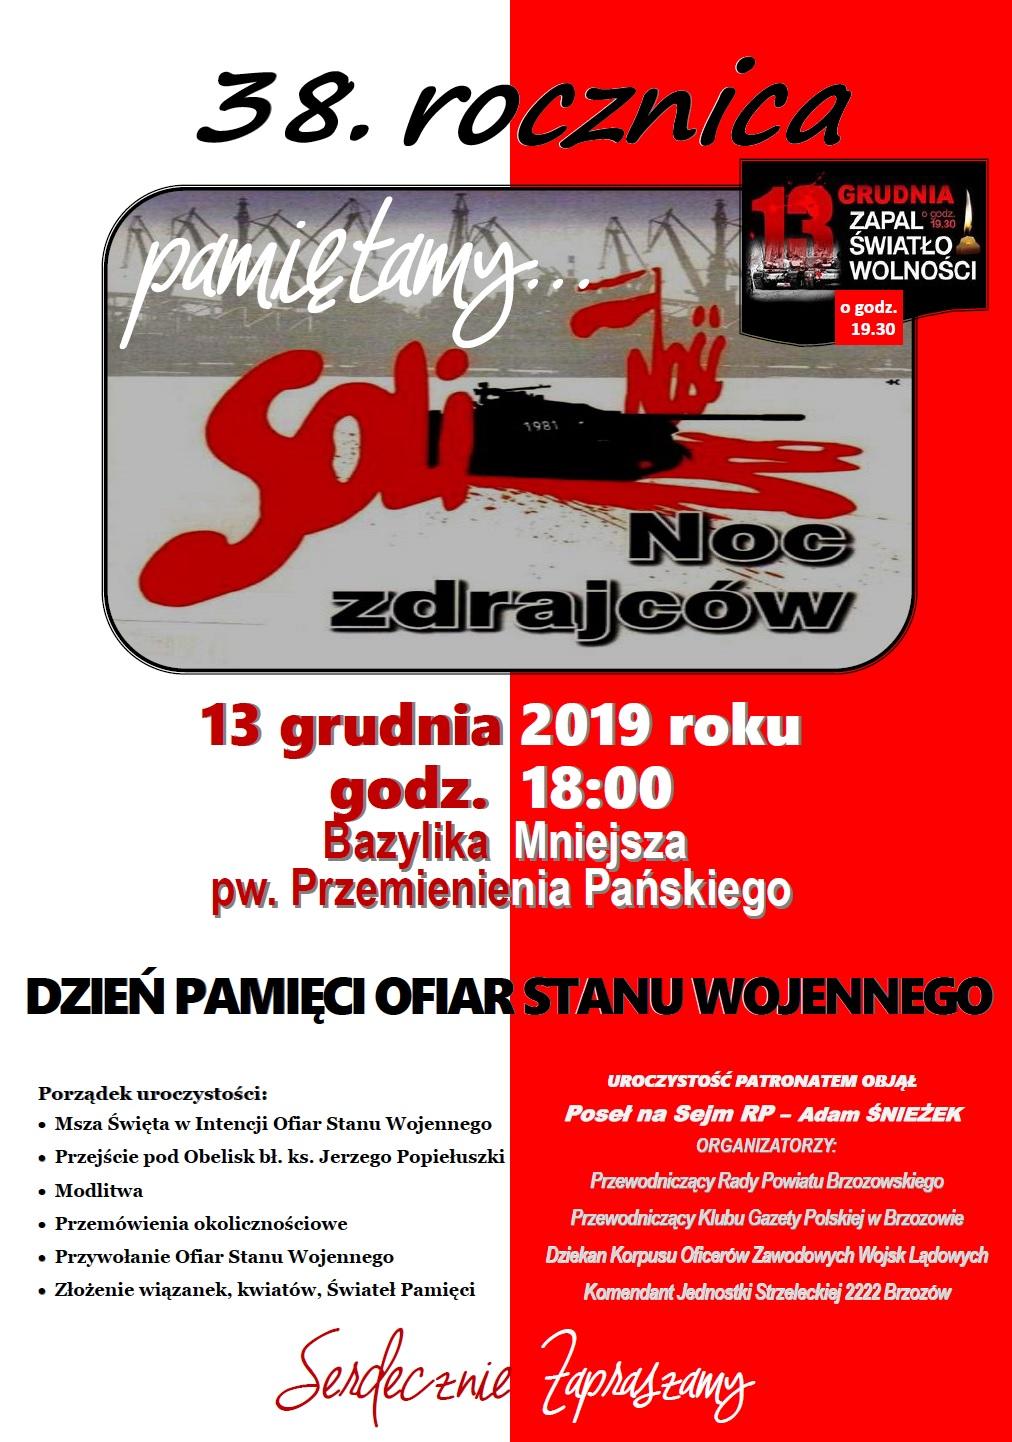 Brzozow 13 grudnia 2019